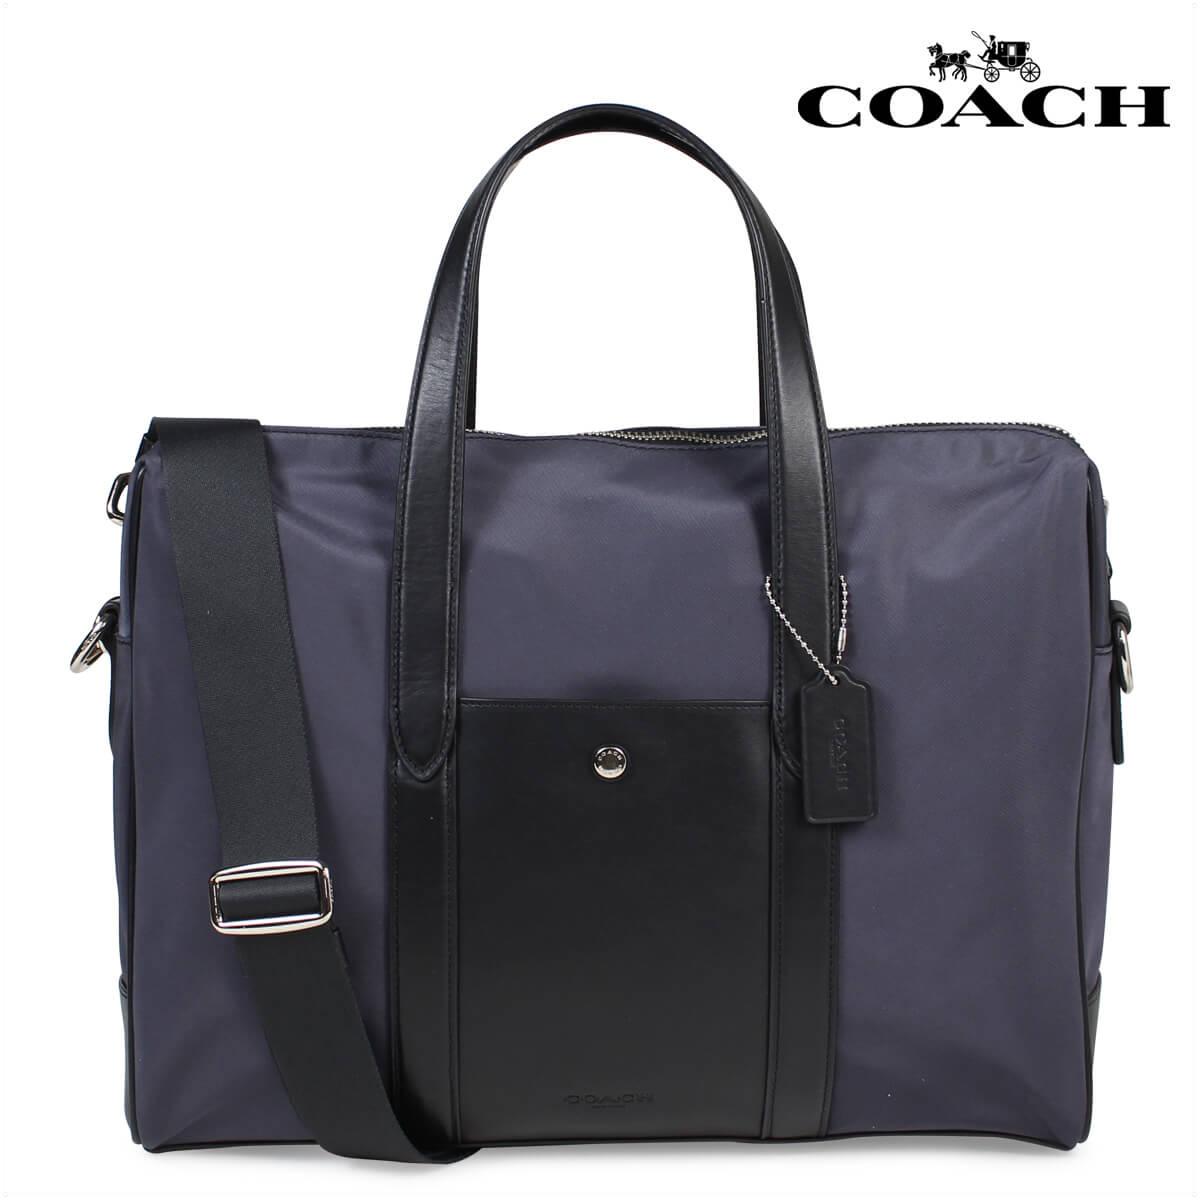 COACH CHARLES SLIM BRIEF コーチ バッグ ビジネスバッグ メンズ ブリーフケース F21087 ネイビー [1712]